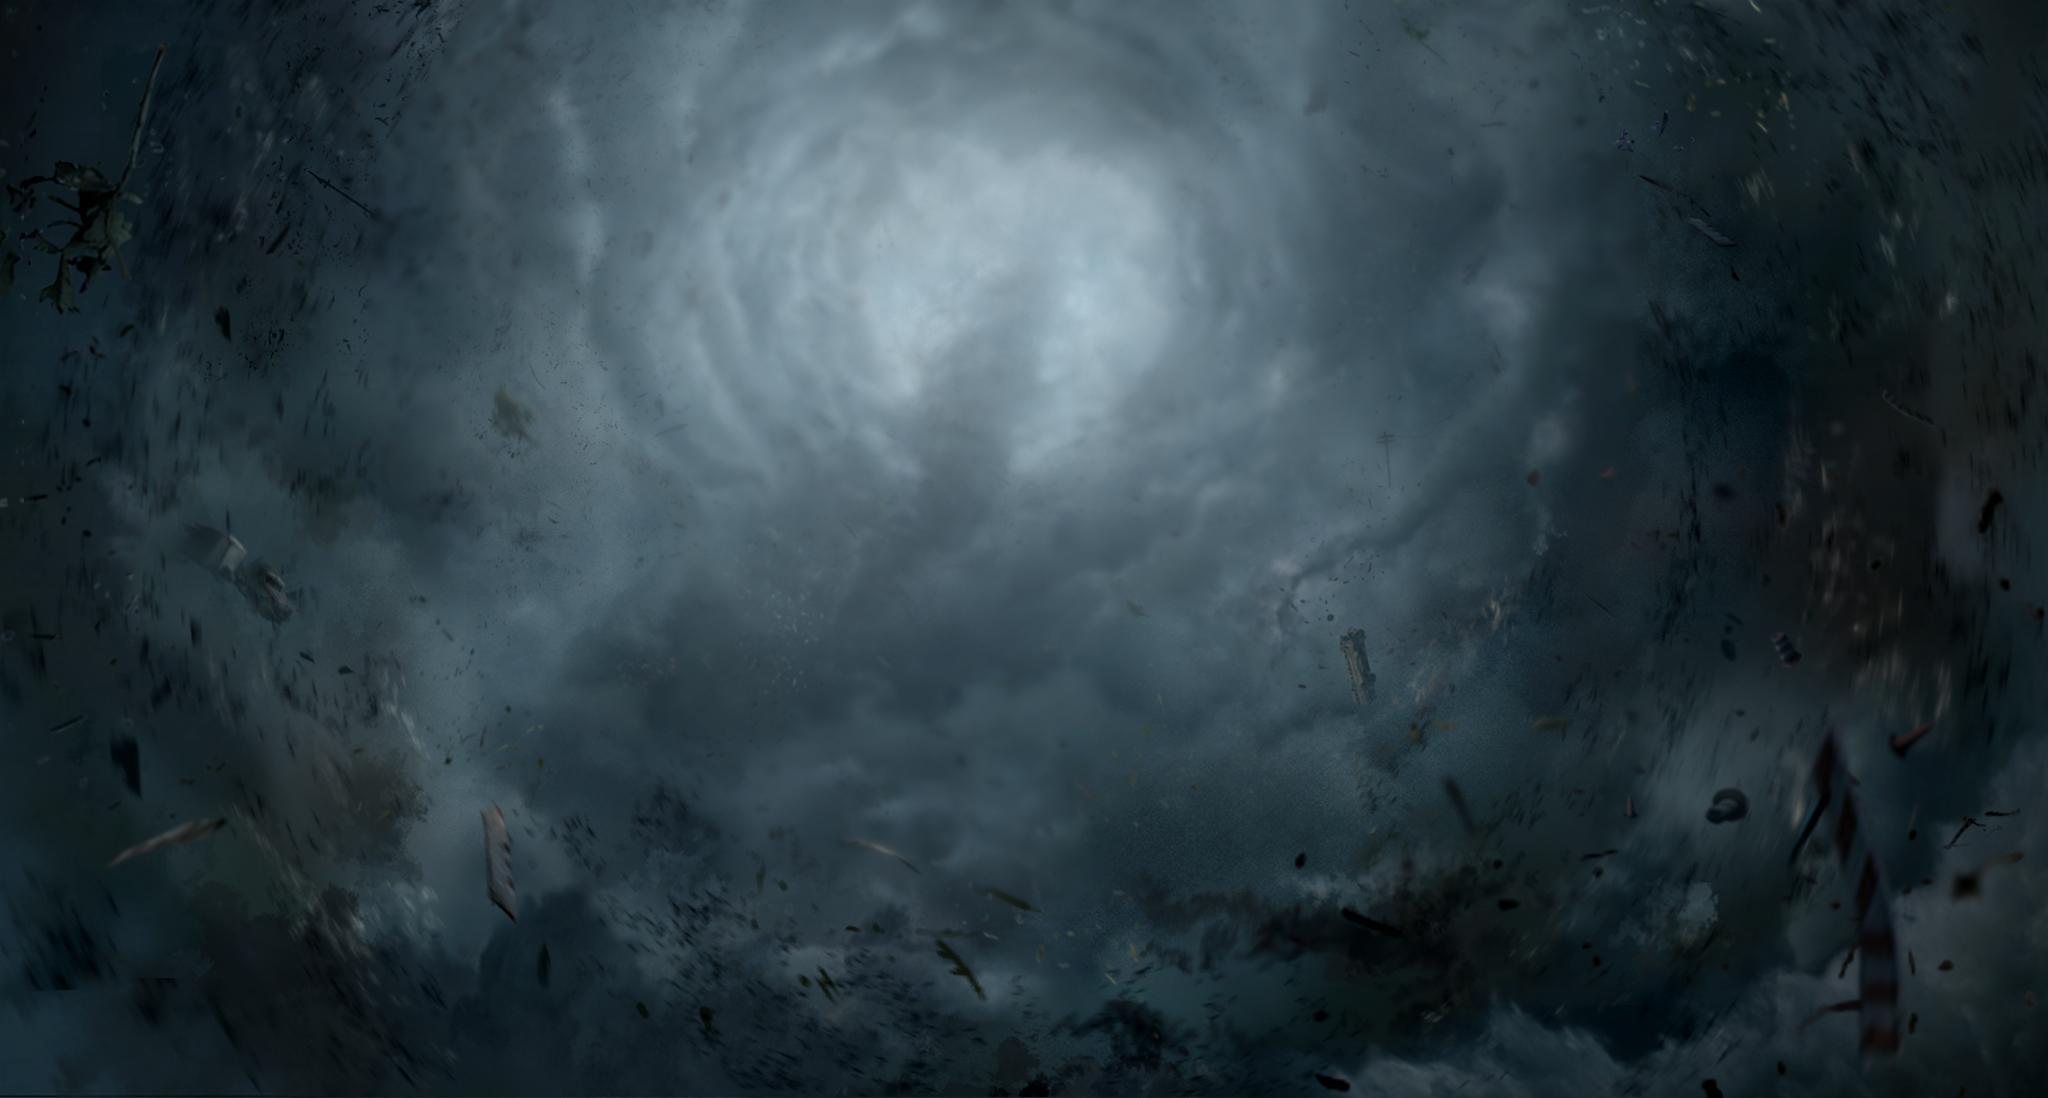 into-the-storm_v1-chris-sanchez.jpg